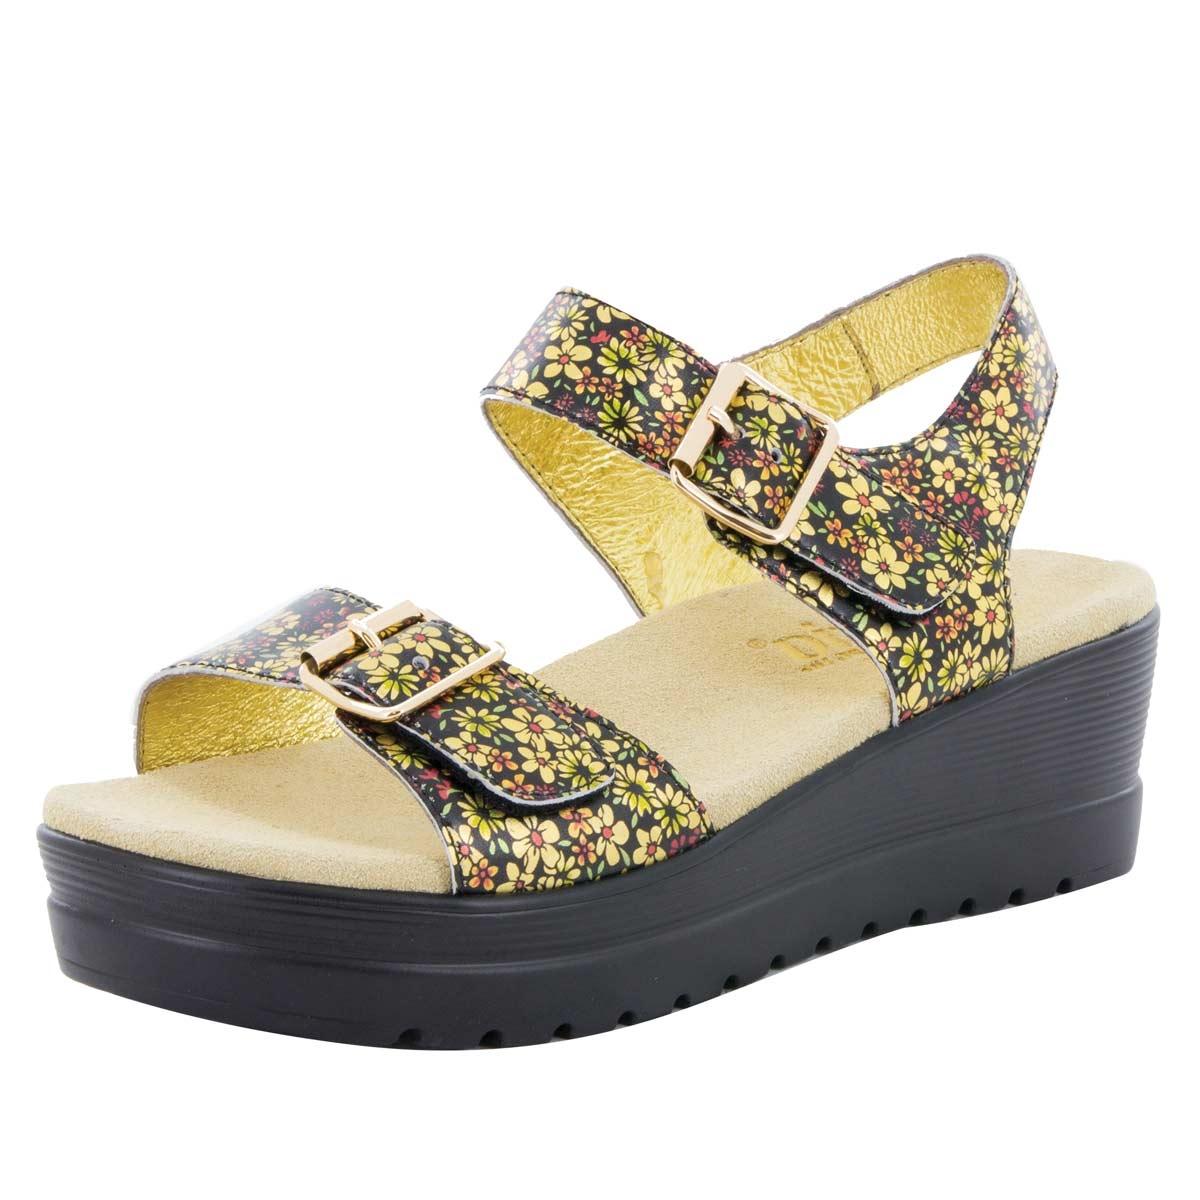 6a45a55744b Morgyn Pretty Things Sandal - Alegria Shoes